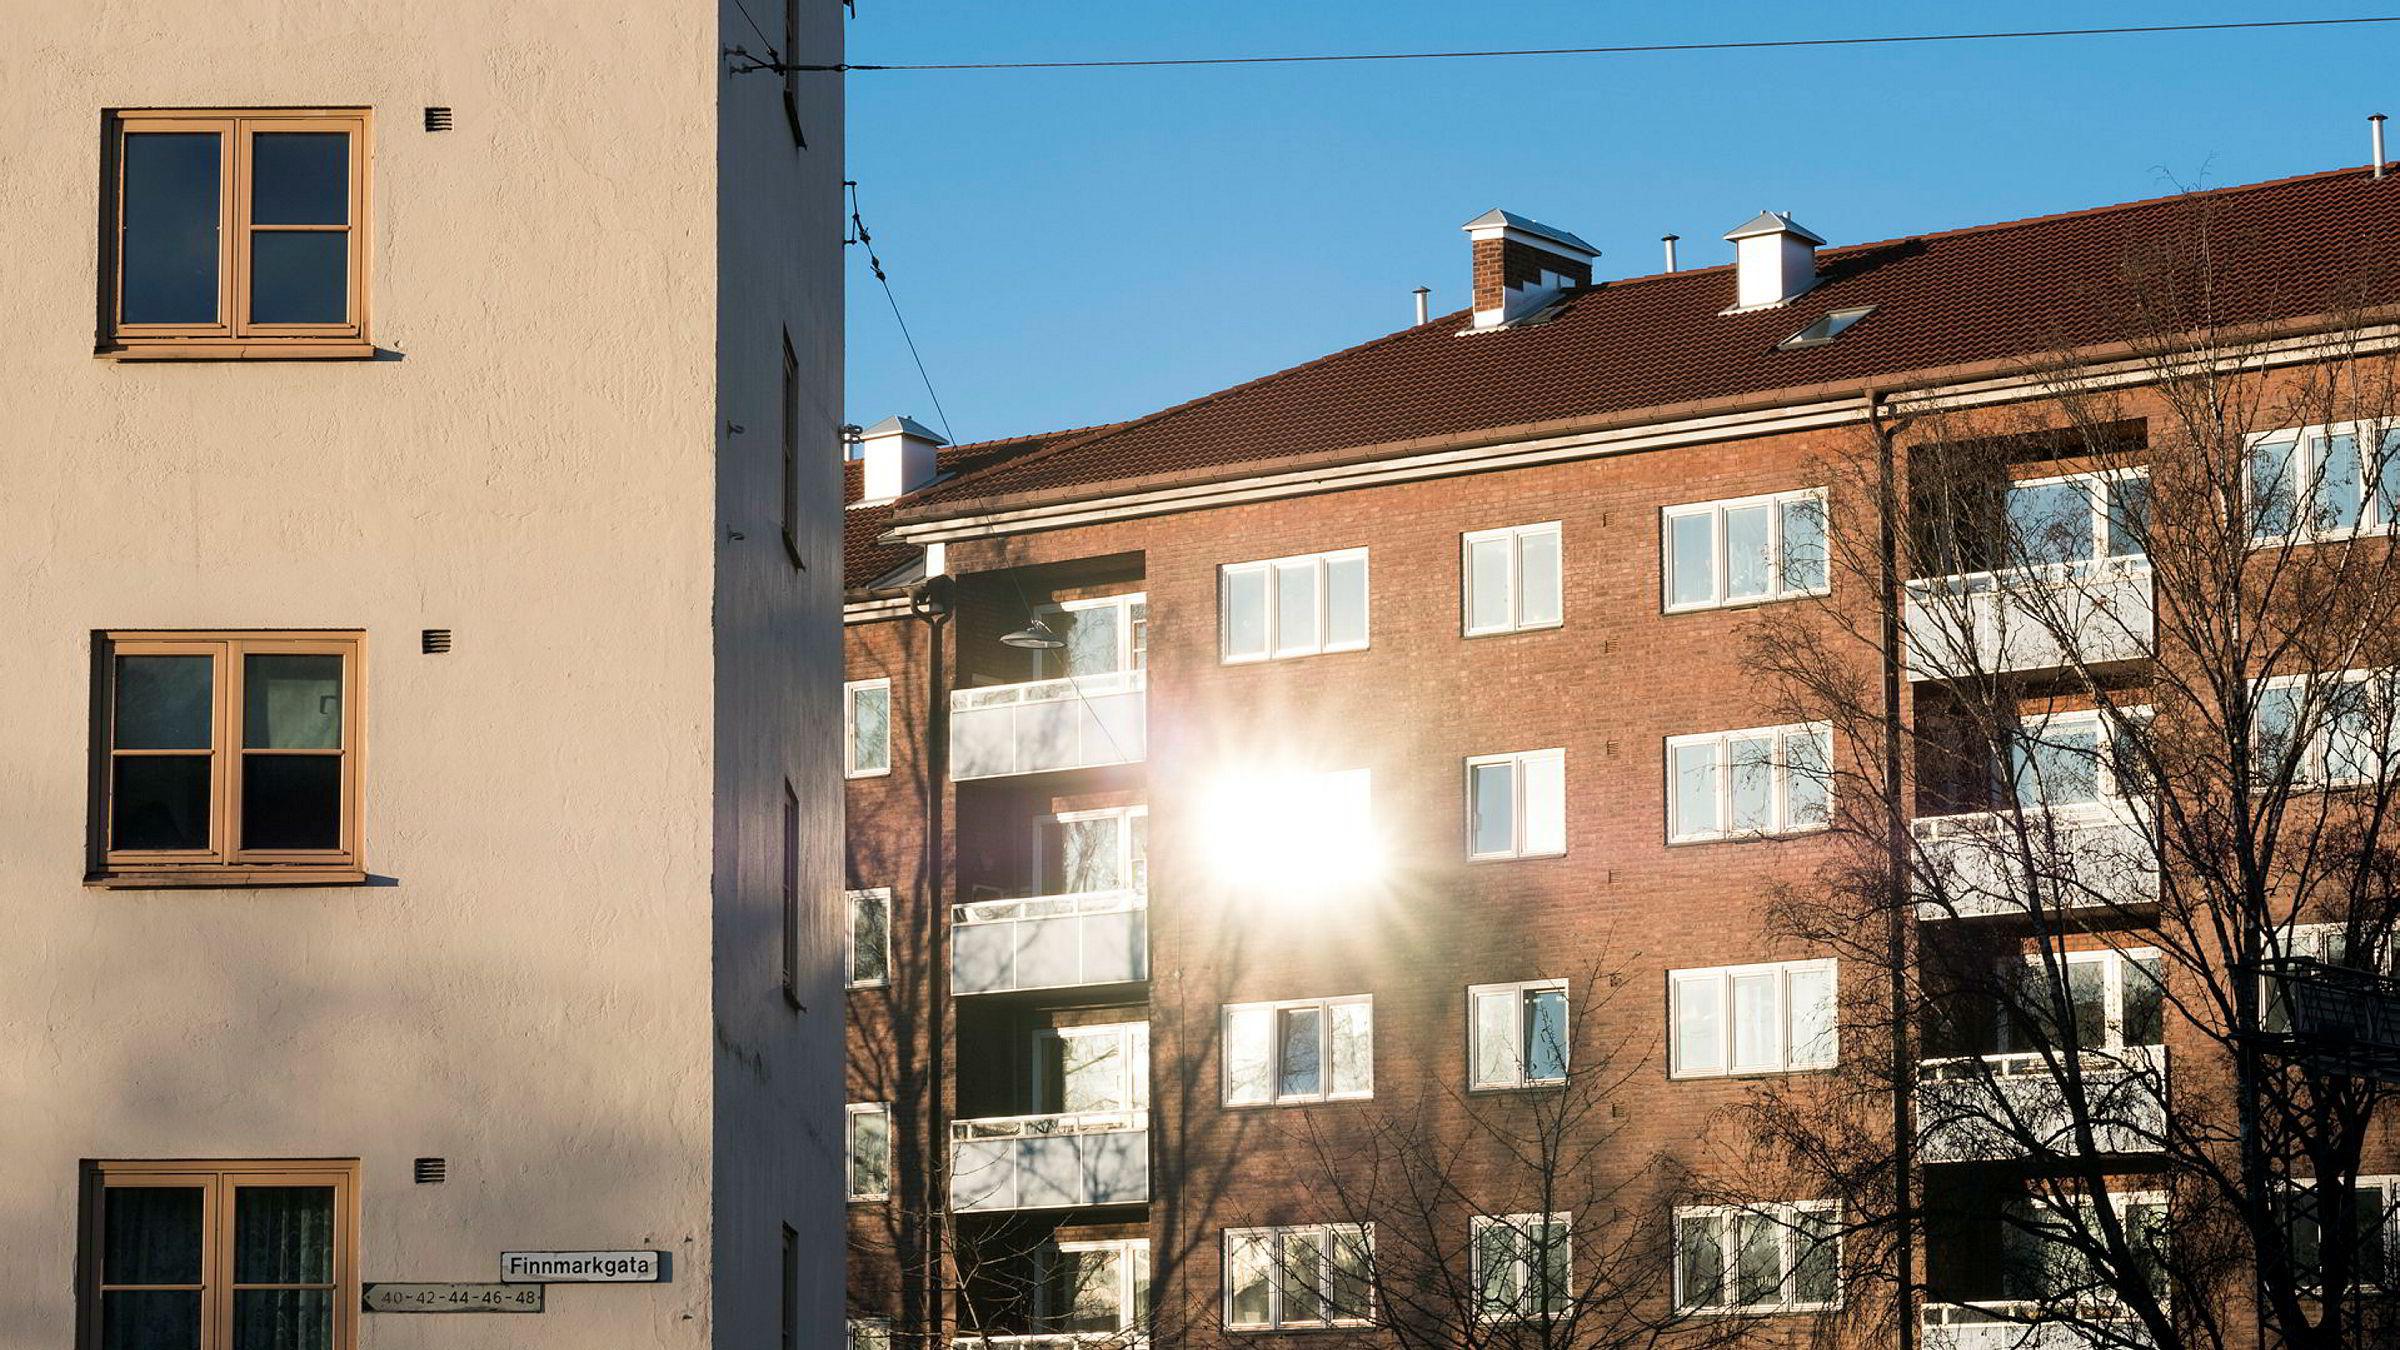 Den norske boligmodellen har vært en større suksess for Norge enn oljen. Fornuftig forvaltning av oljeformuen har forsterket virkningen av boligsuksessen, sier forfatteren.